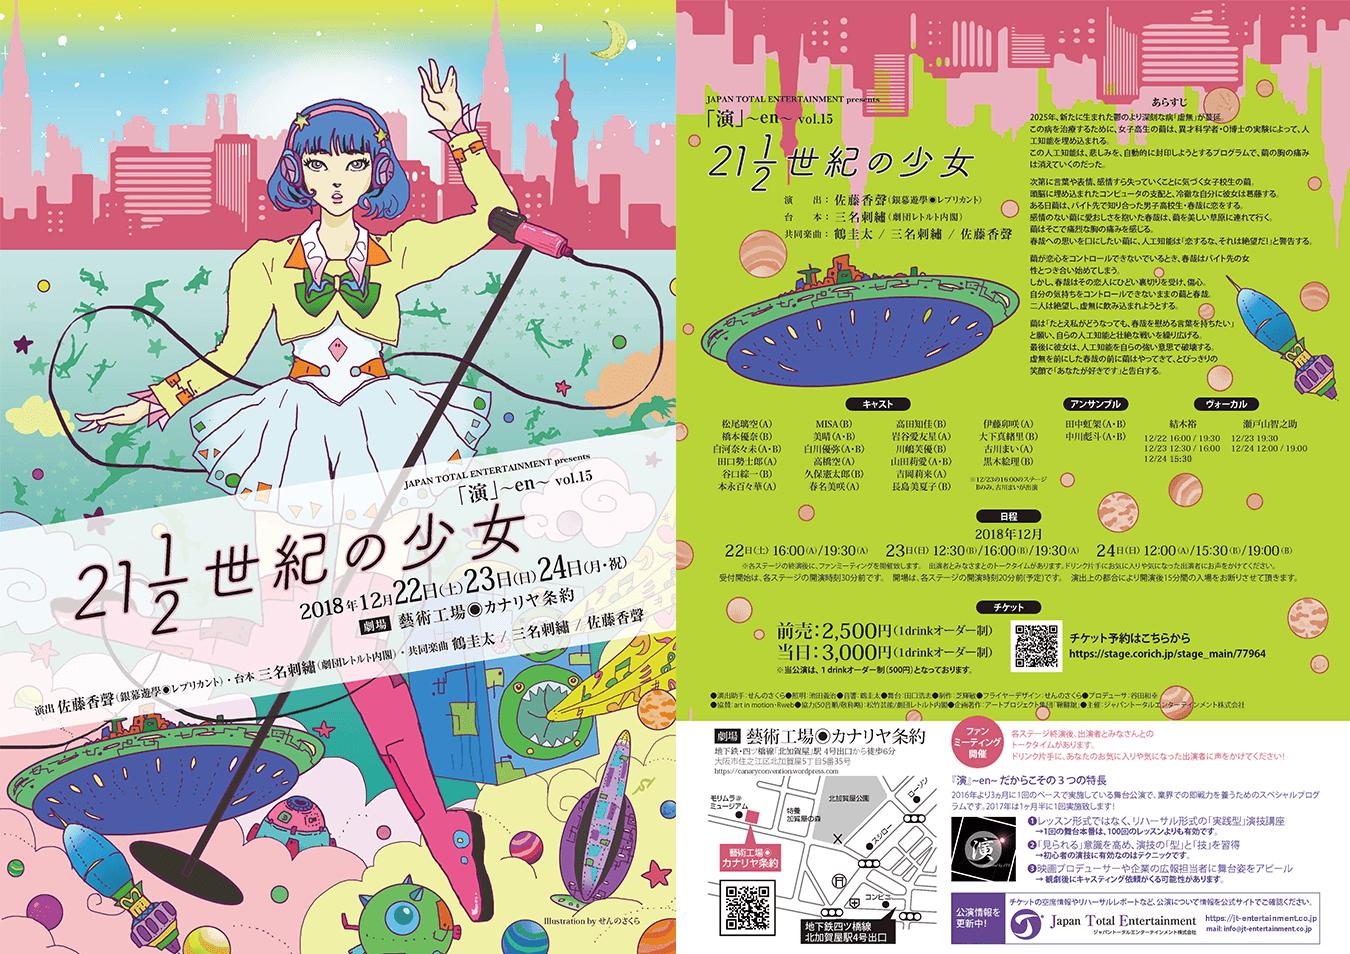 演~en~vol.15 『21 1/2 世紀の少女』2018/12/22(土)~12/24(月)に上映いたします!